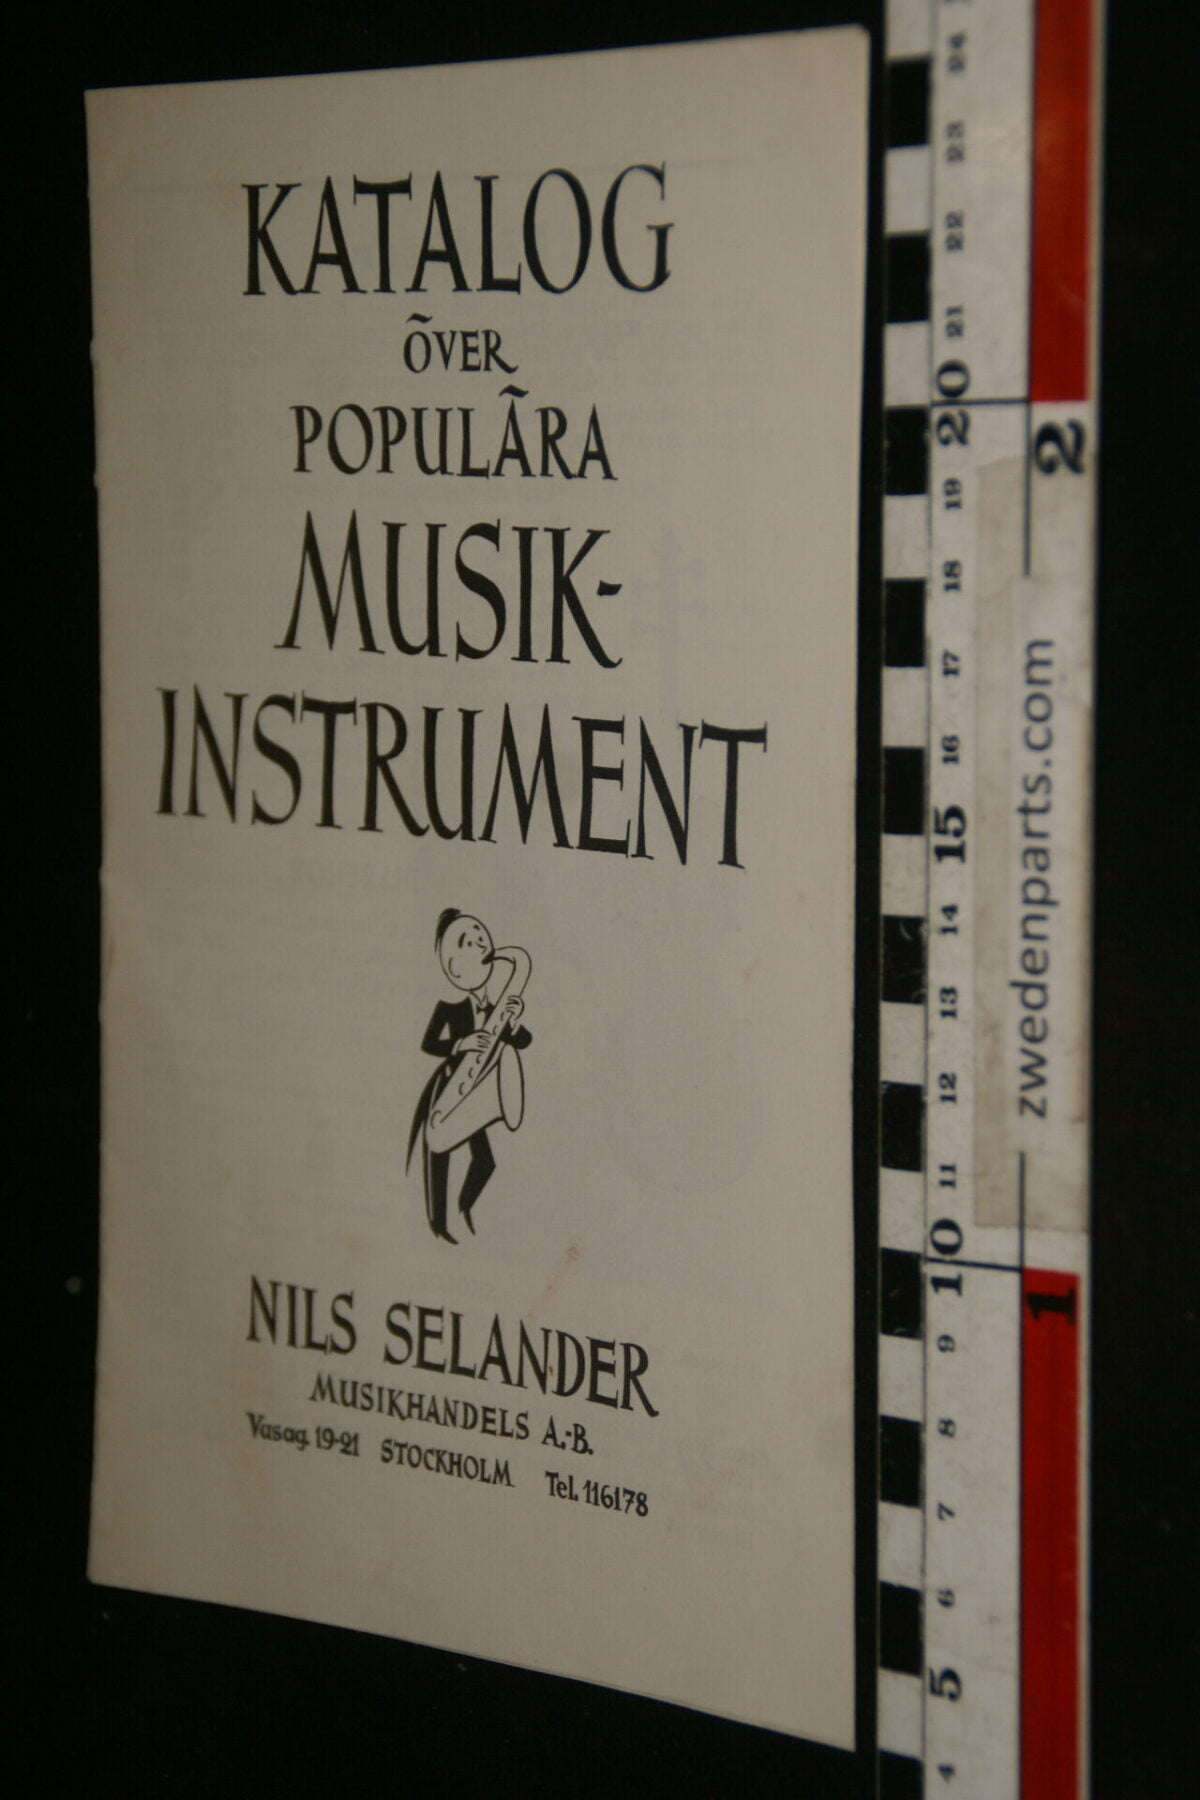 DSC00295 40er jaren originele vintage katalogus musik instrument Svensk-f4d5b6b9